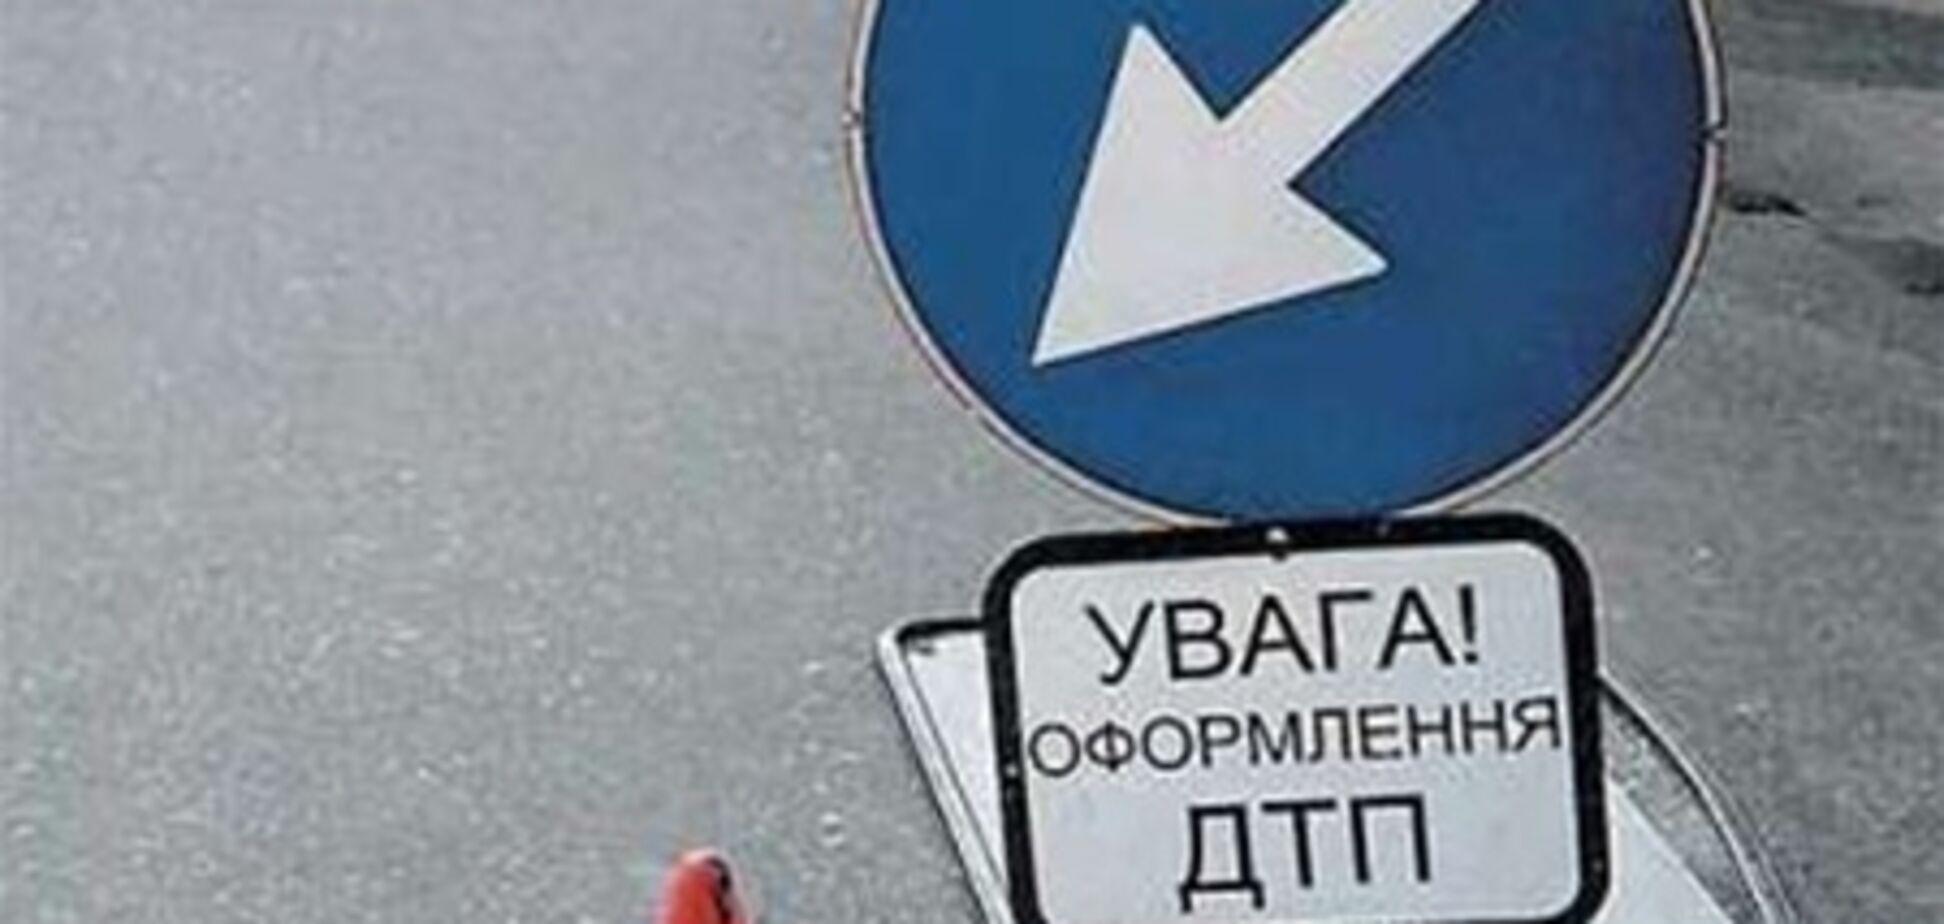 Под Киевом произошло жуткое ДТП, есть жертвы